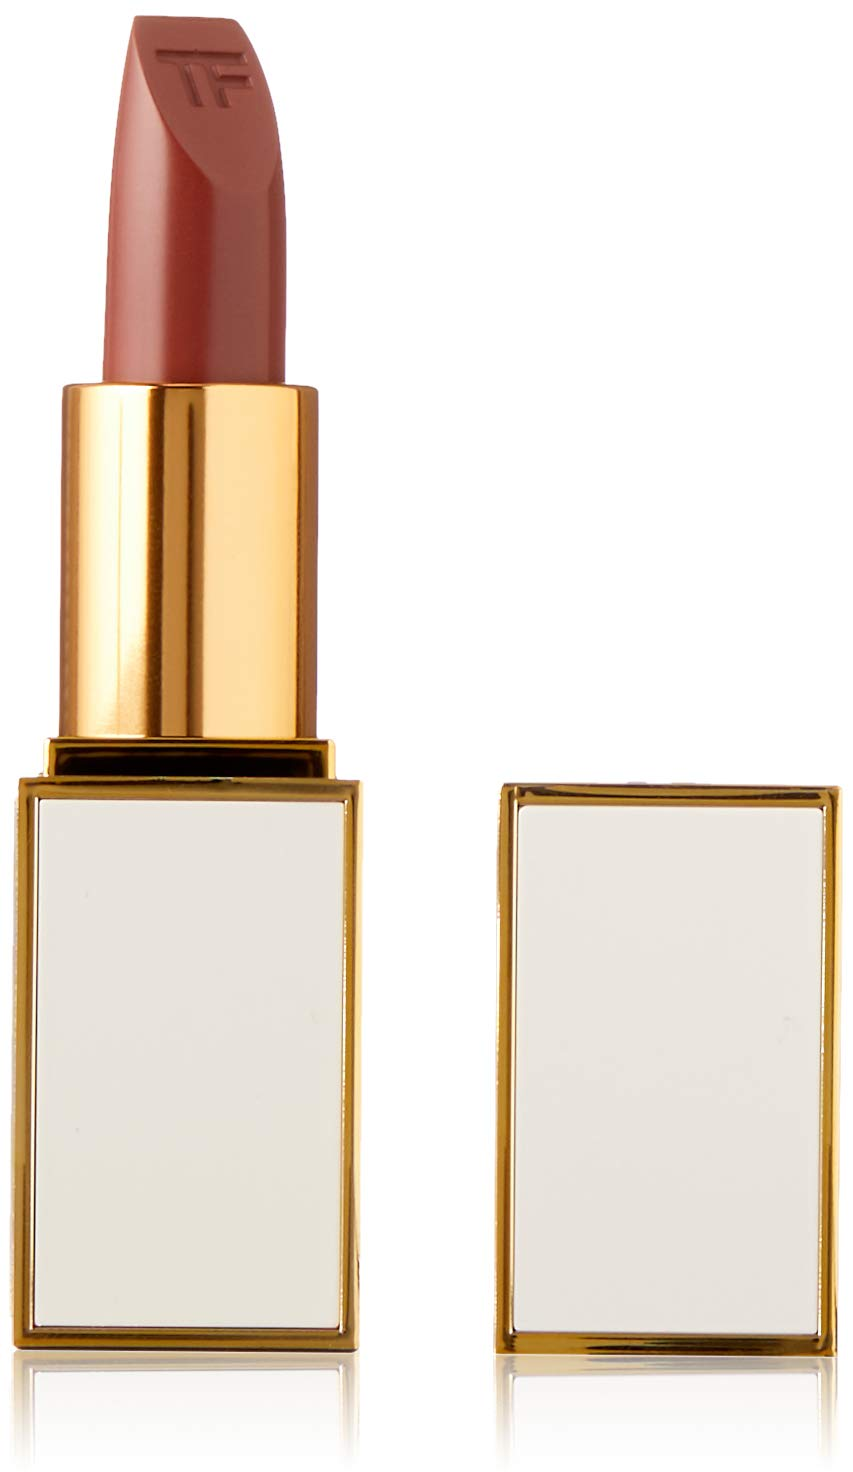 トムフォード Ultra Rich Lip Color - # 02 Temptation Waits 3g/0.1oz B071FF9JDC